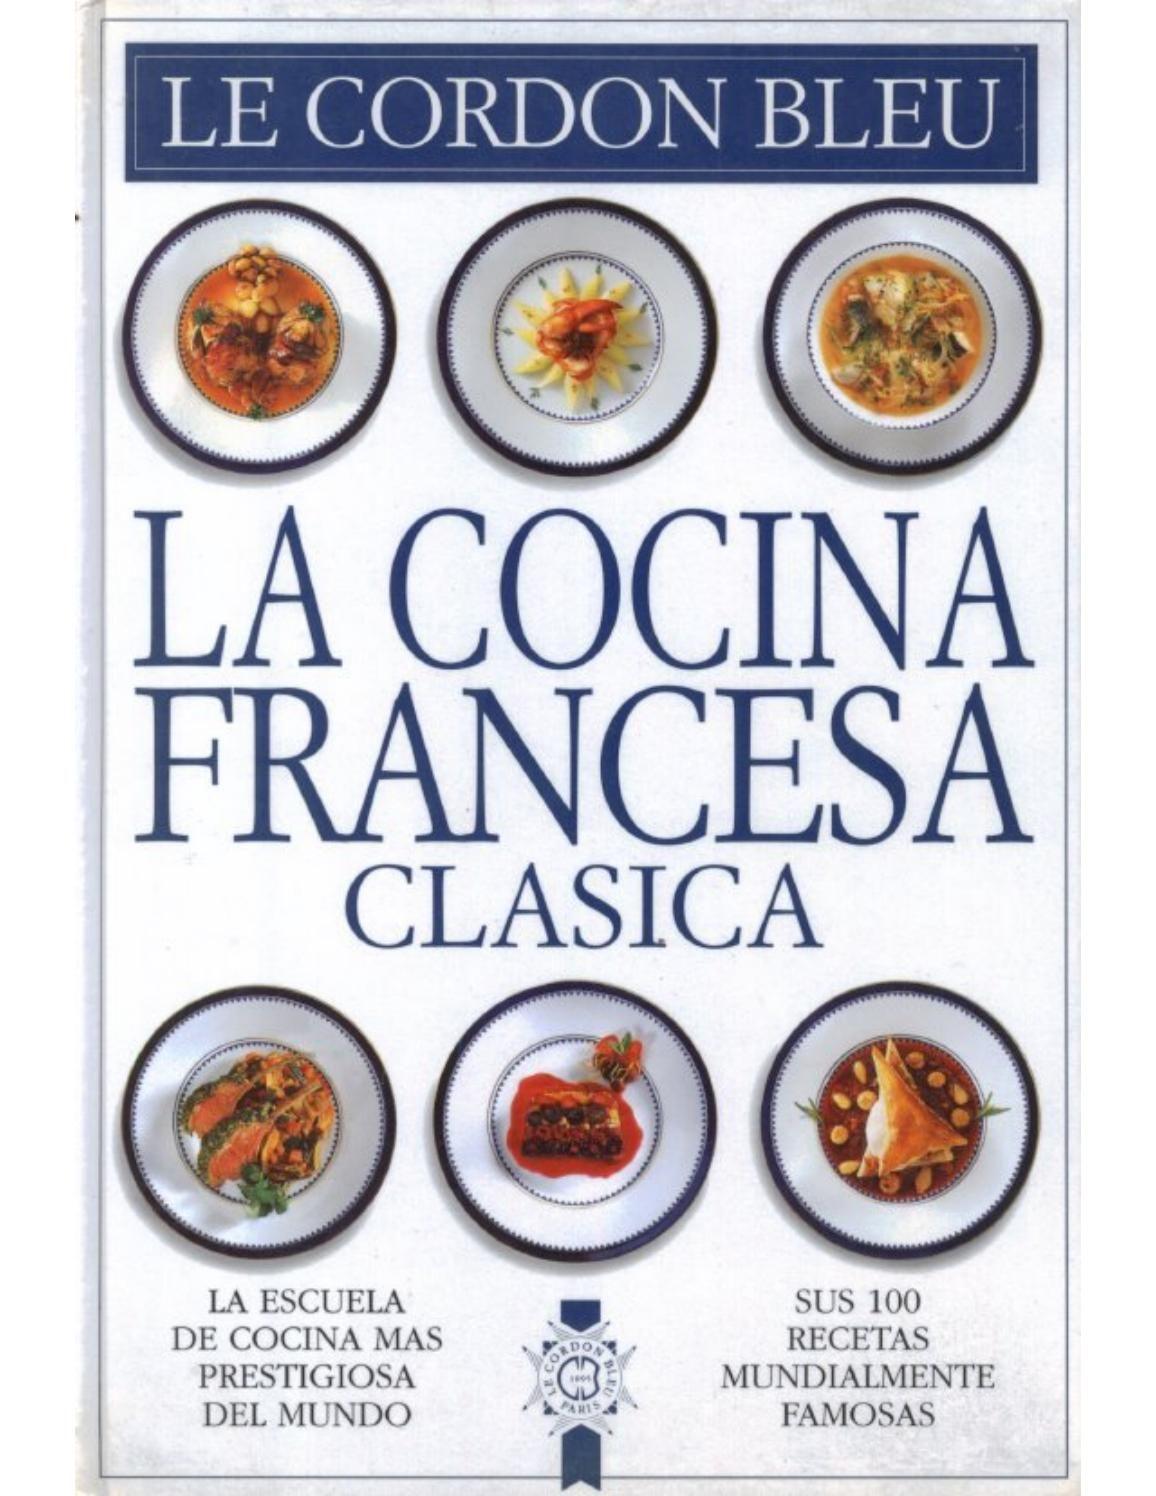 Le Cordon Bleu Cocina Francesa Clasica Recetas De Cocina Francesa Cocina Francesa Recetario De Cocina